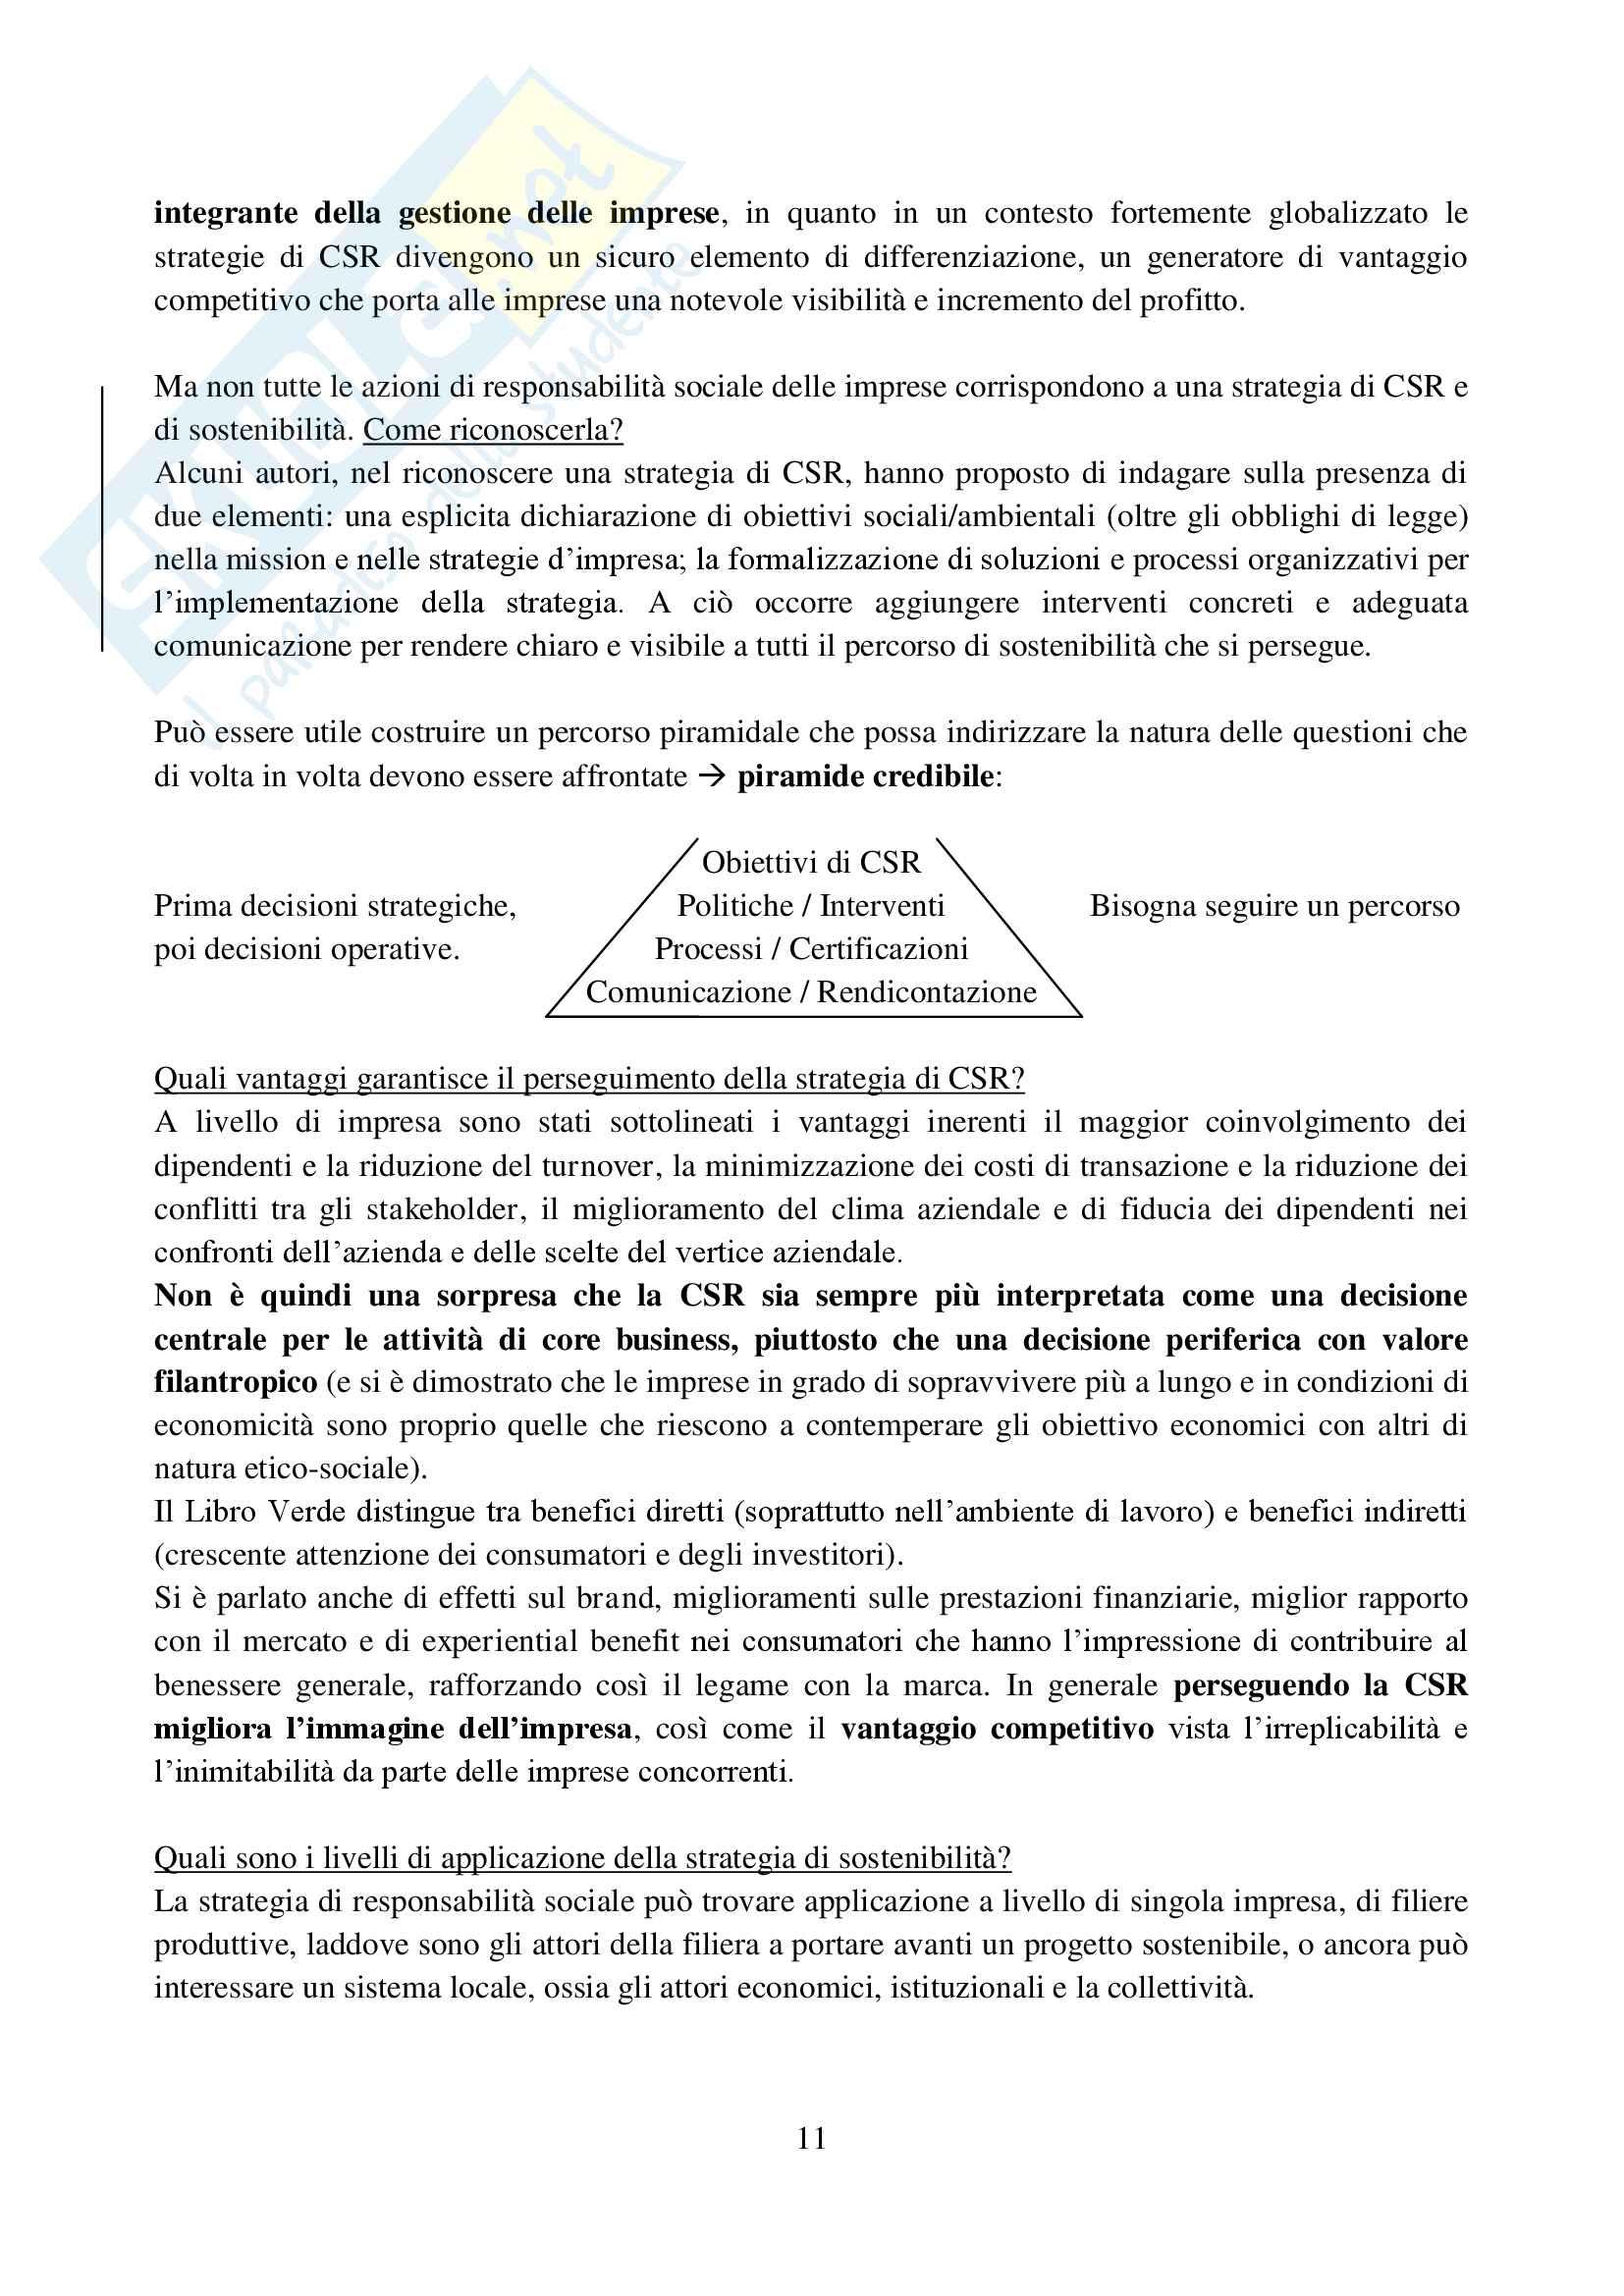 Riassunto esame Etica e mercato, prof. De Chiara, libro consigliato Stakeholder engagement per strategie di sostenibilità, De Chiara Pag. 11